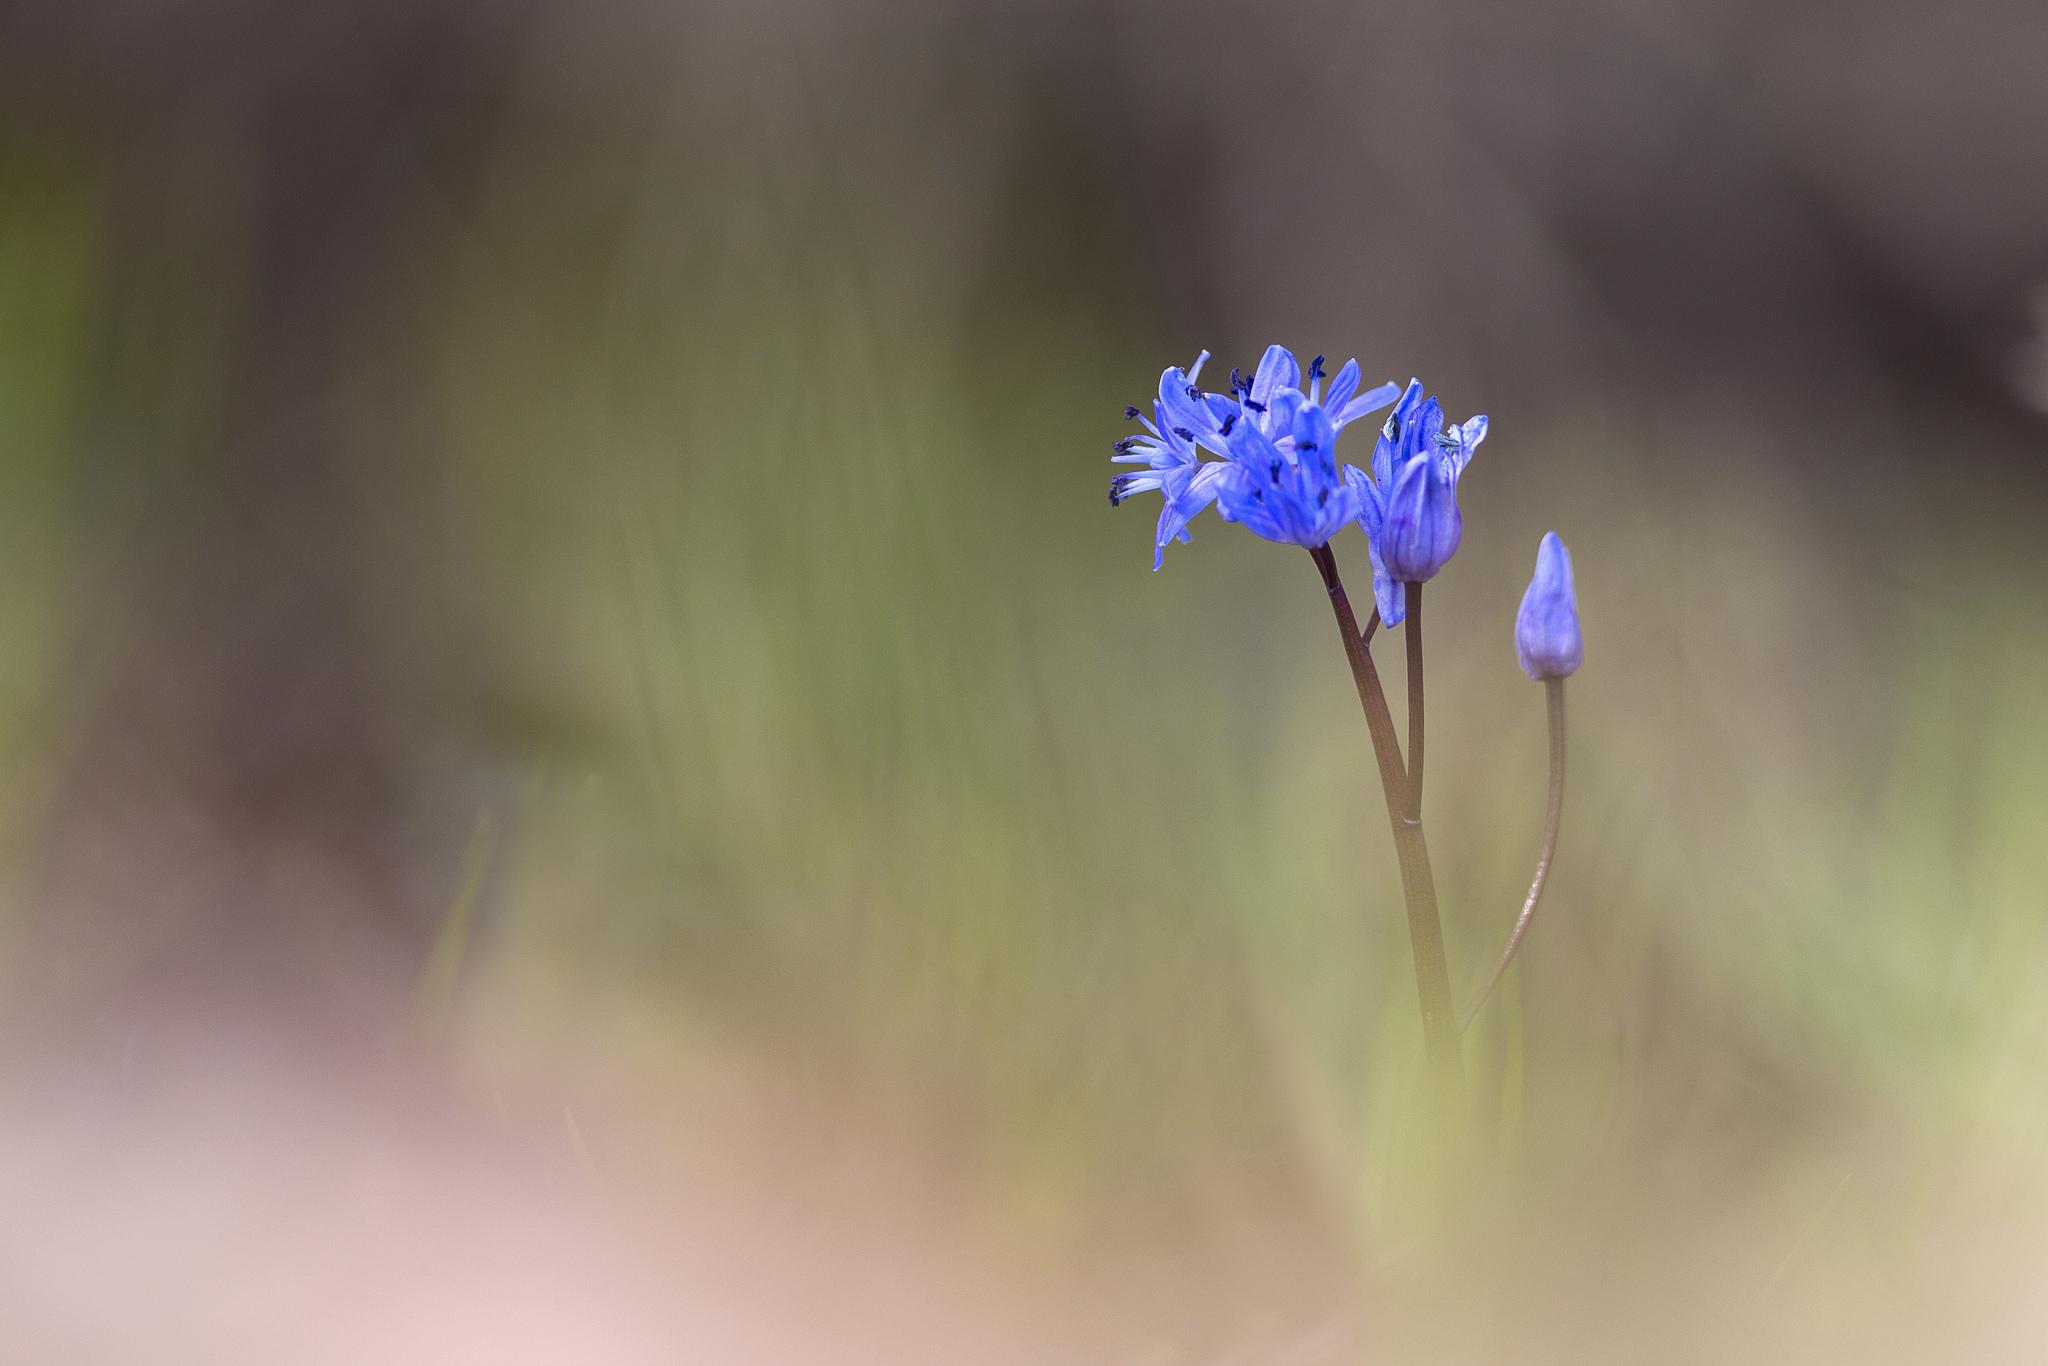 природа синие цветы nature blue flowers  № 1376544 бесплатно